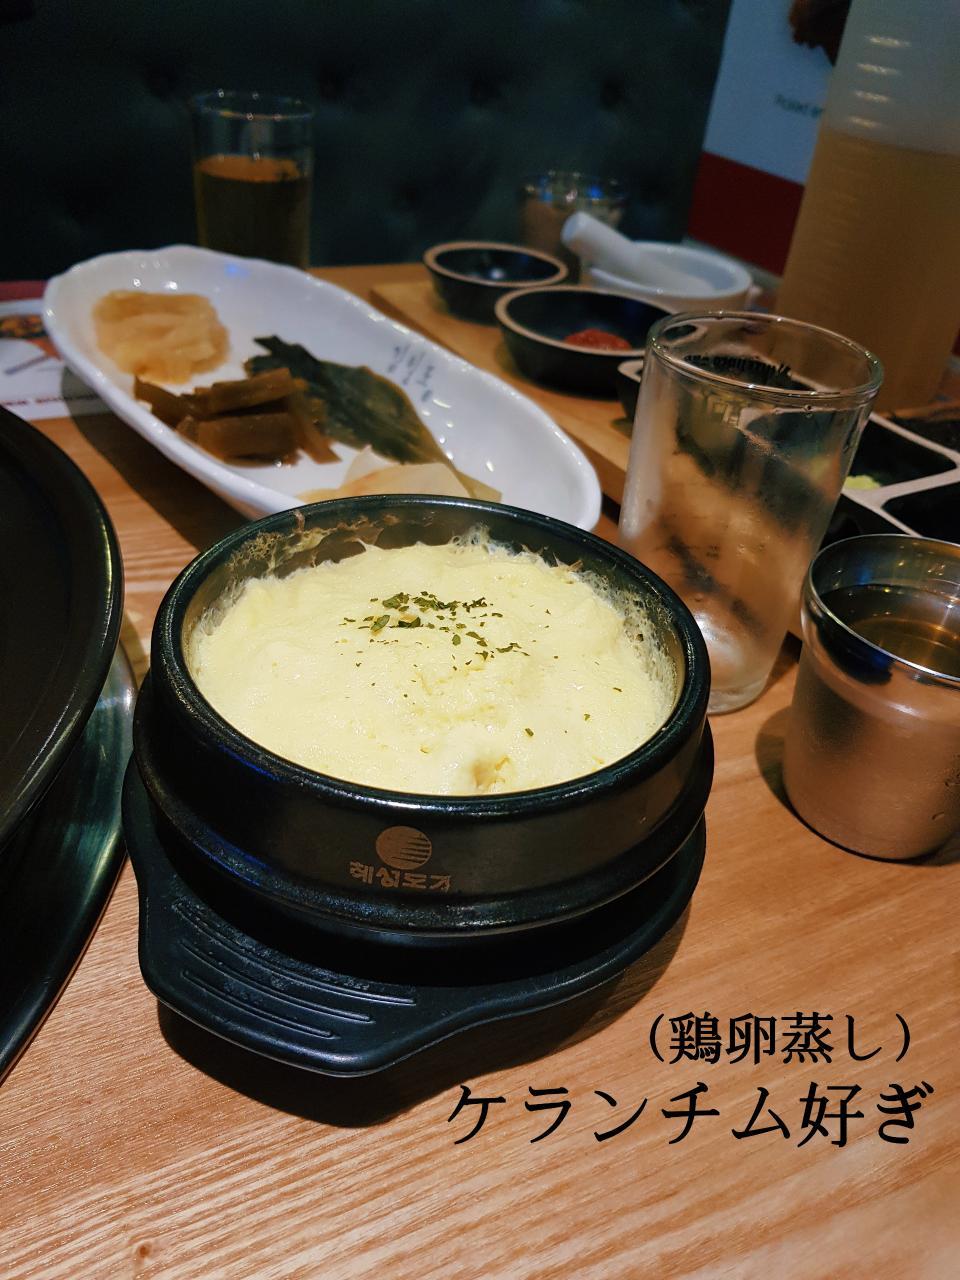 シンガポール韓国料理 ケランチム ハローアジア